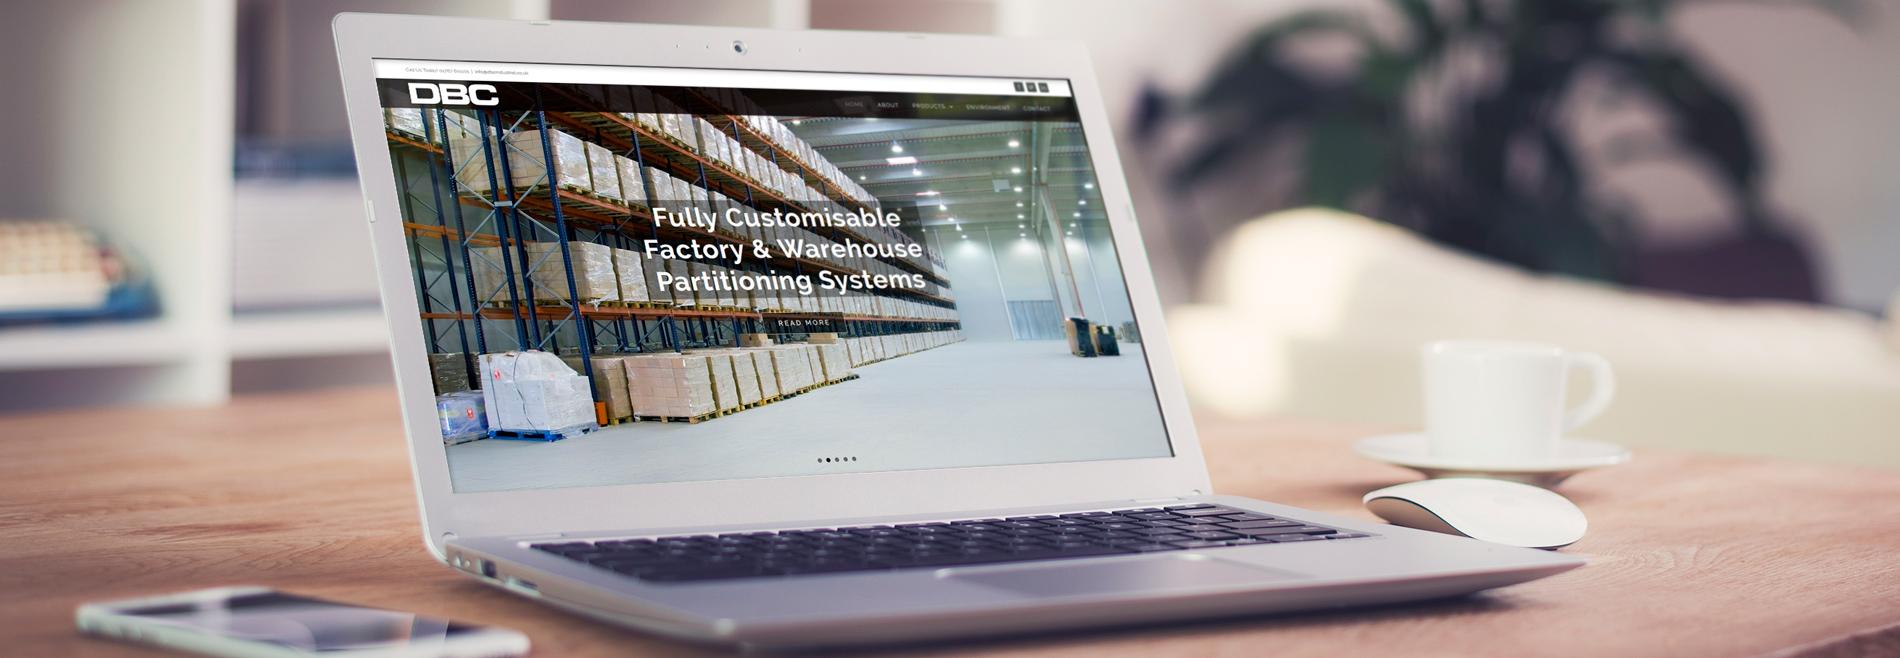 DBC-Industrial-responsive-website-design